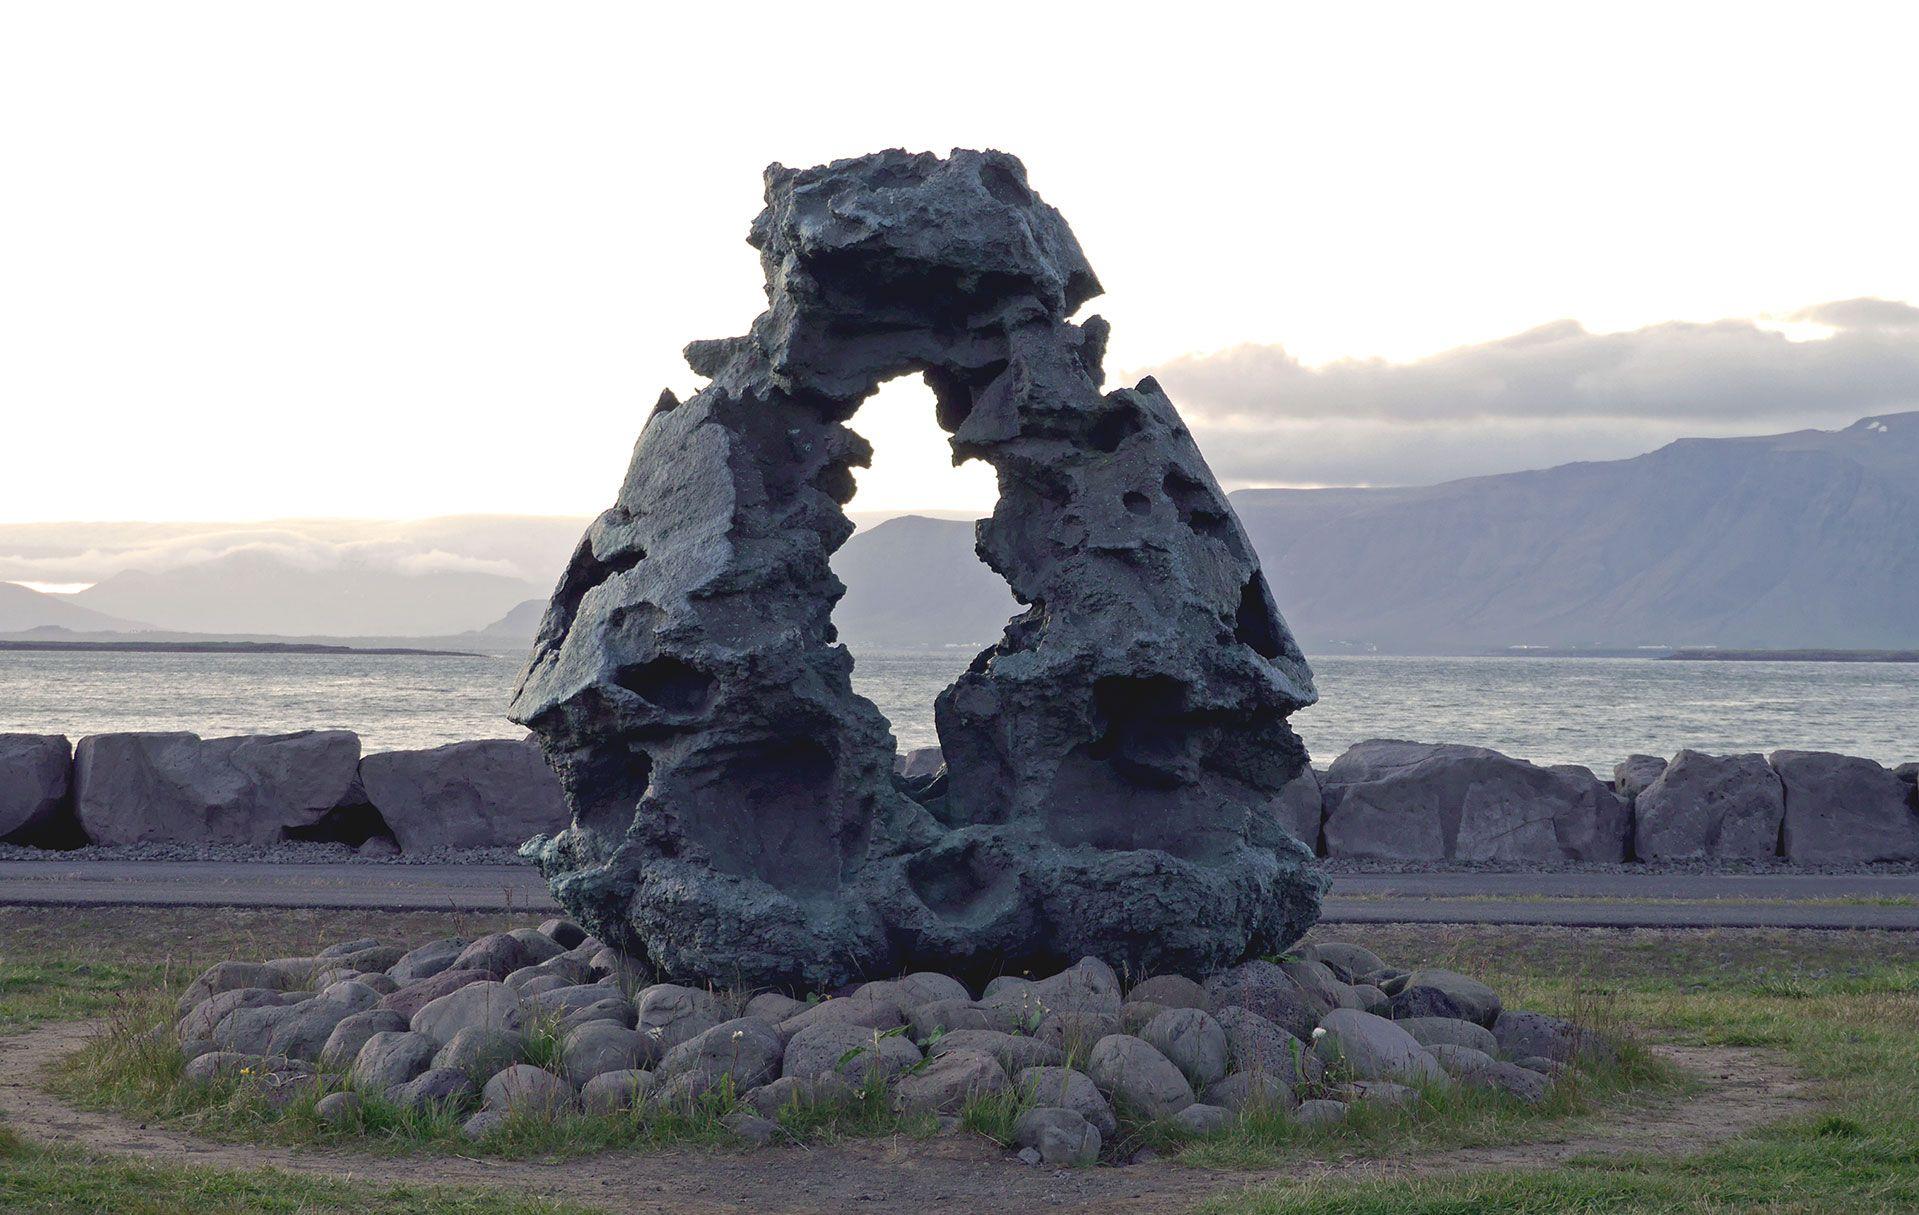 Jóhann Eyfells, Íslandsvarðan, 2003-6. Photo: Hildur Inga Björnsdóttir.